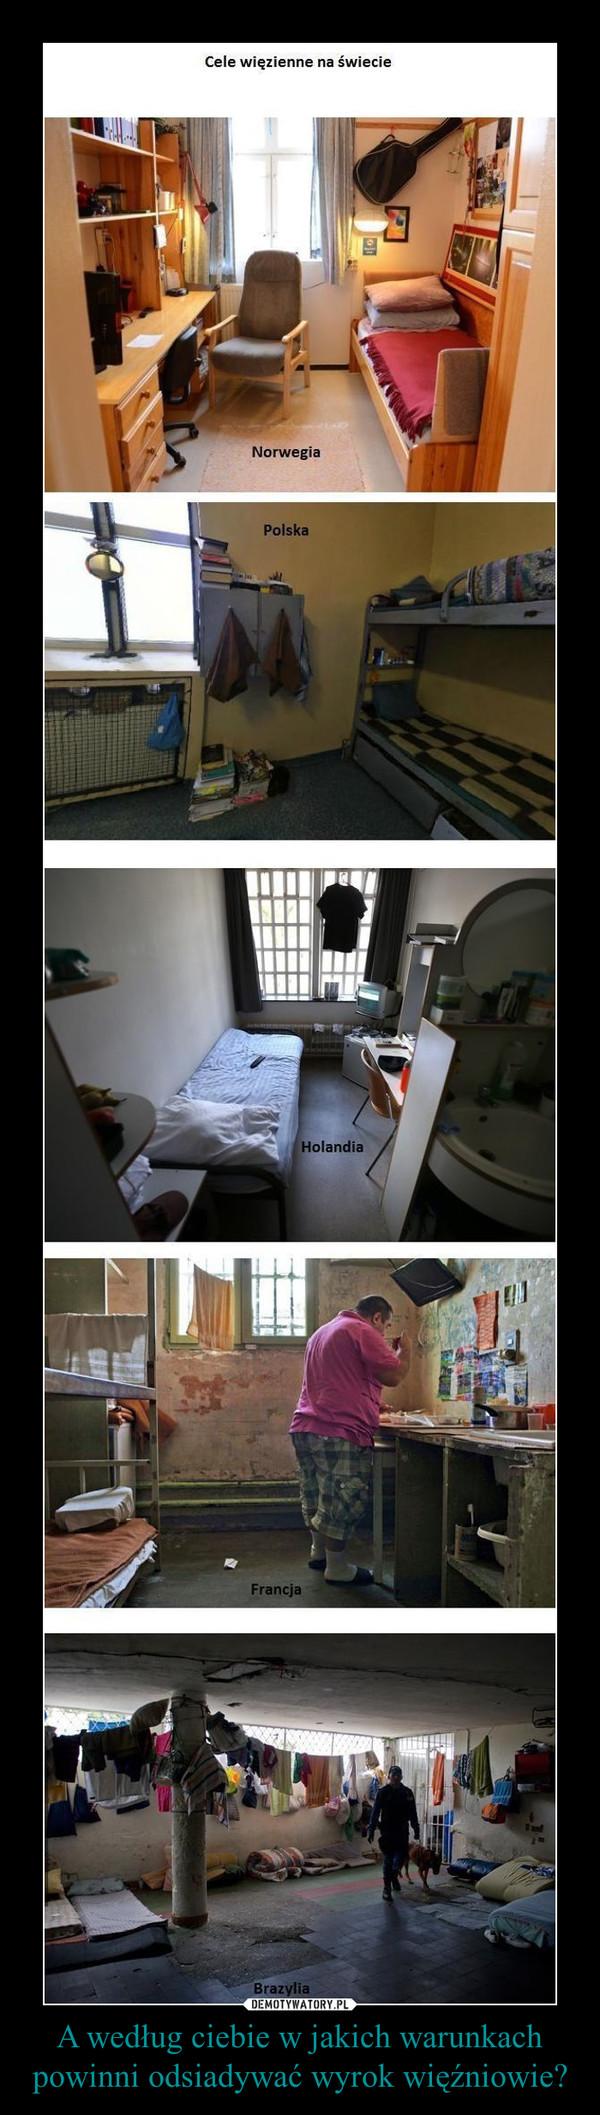 A według ciebie w jakich warunkach powinni odsiadywać wyrok więźniowie? –